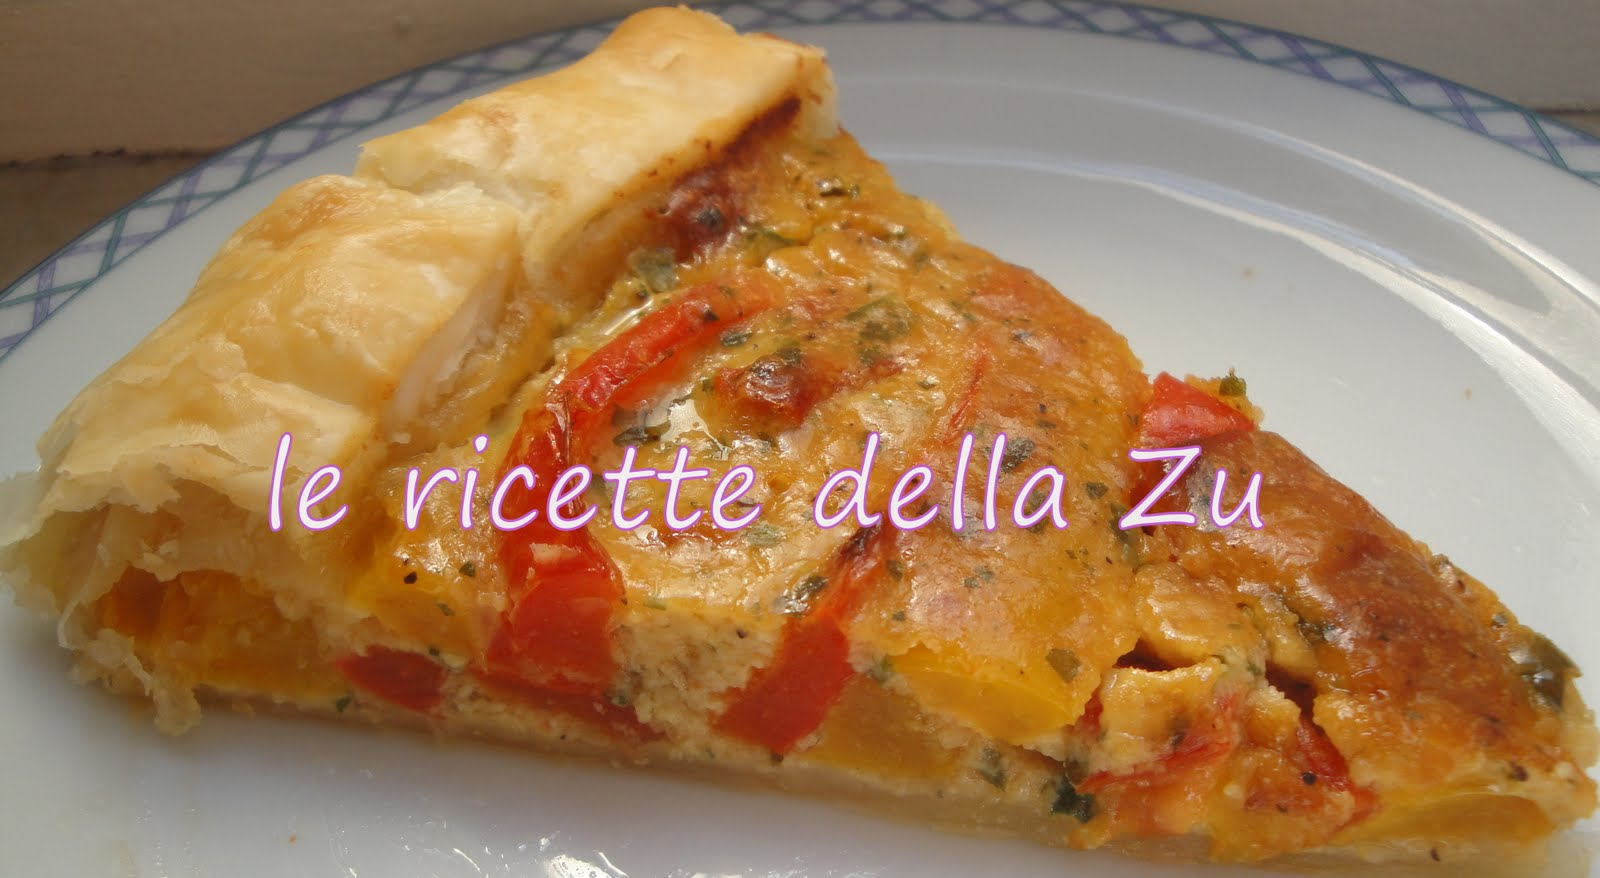 Le ricette della zu torta salata con pasta sfoglia e peperoni for Torte salate con pasta sfoglia